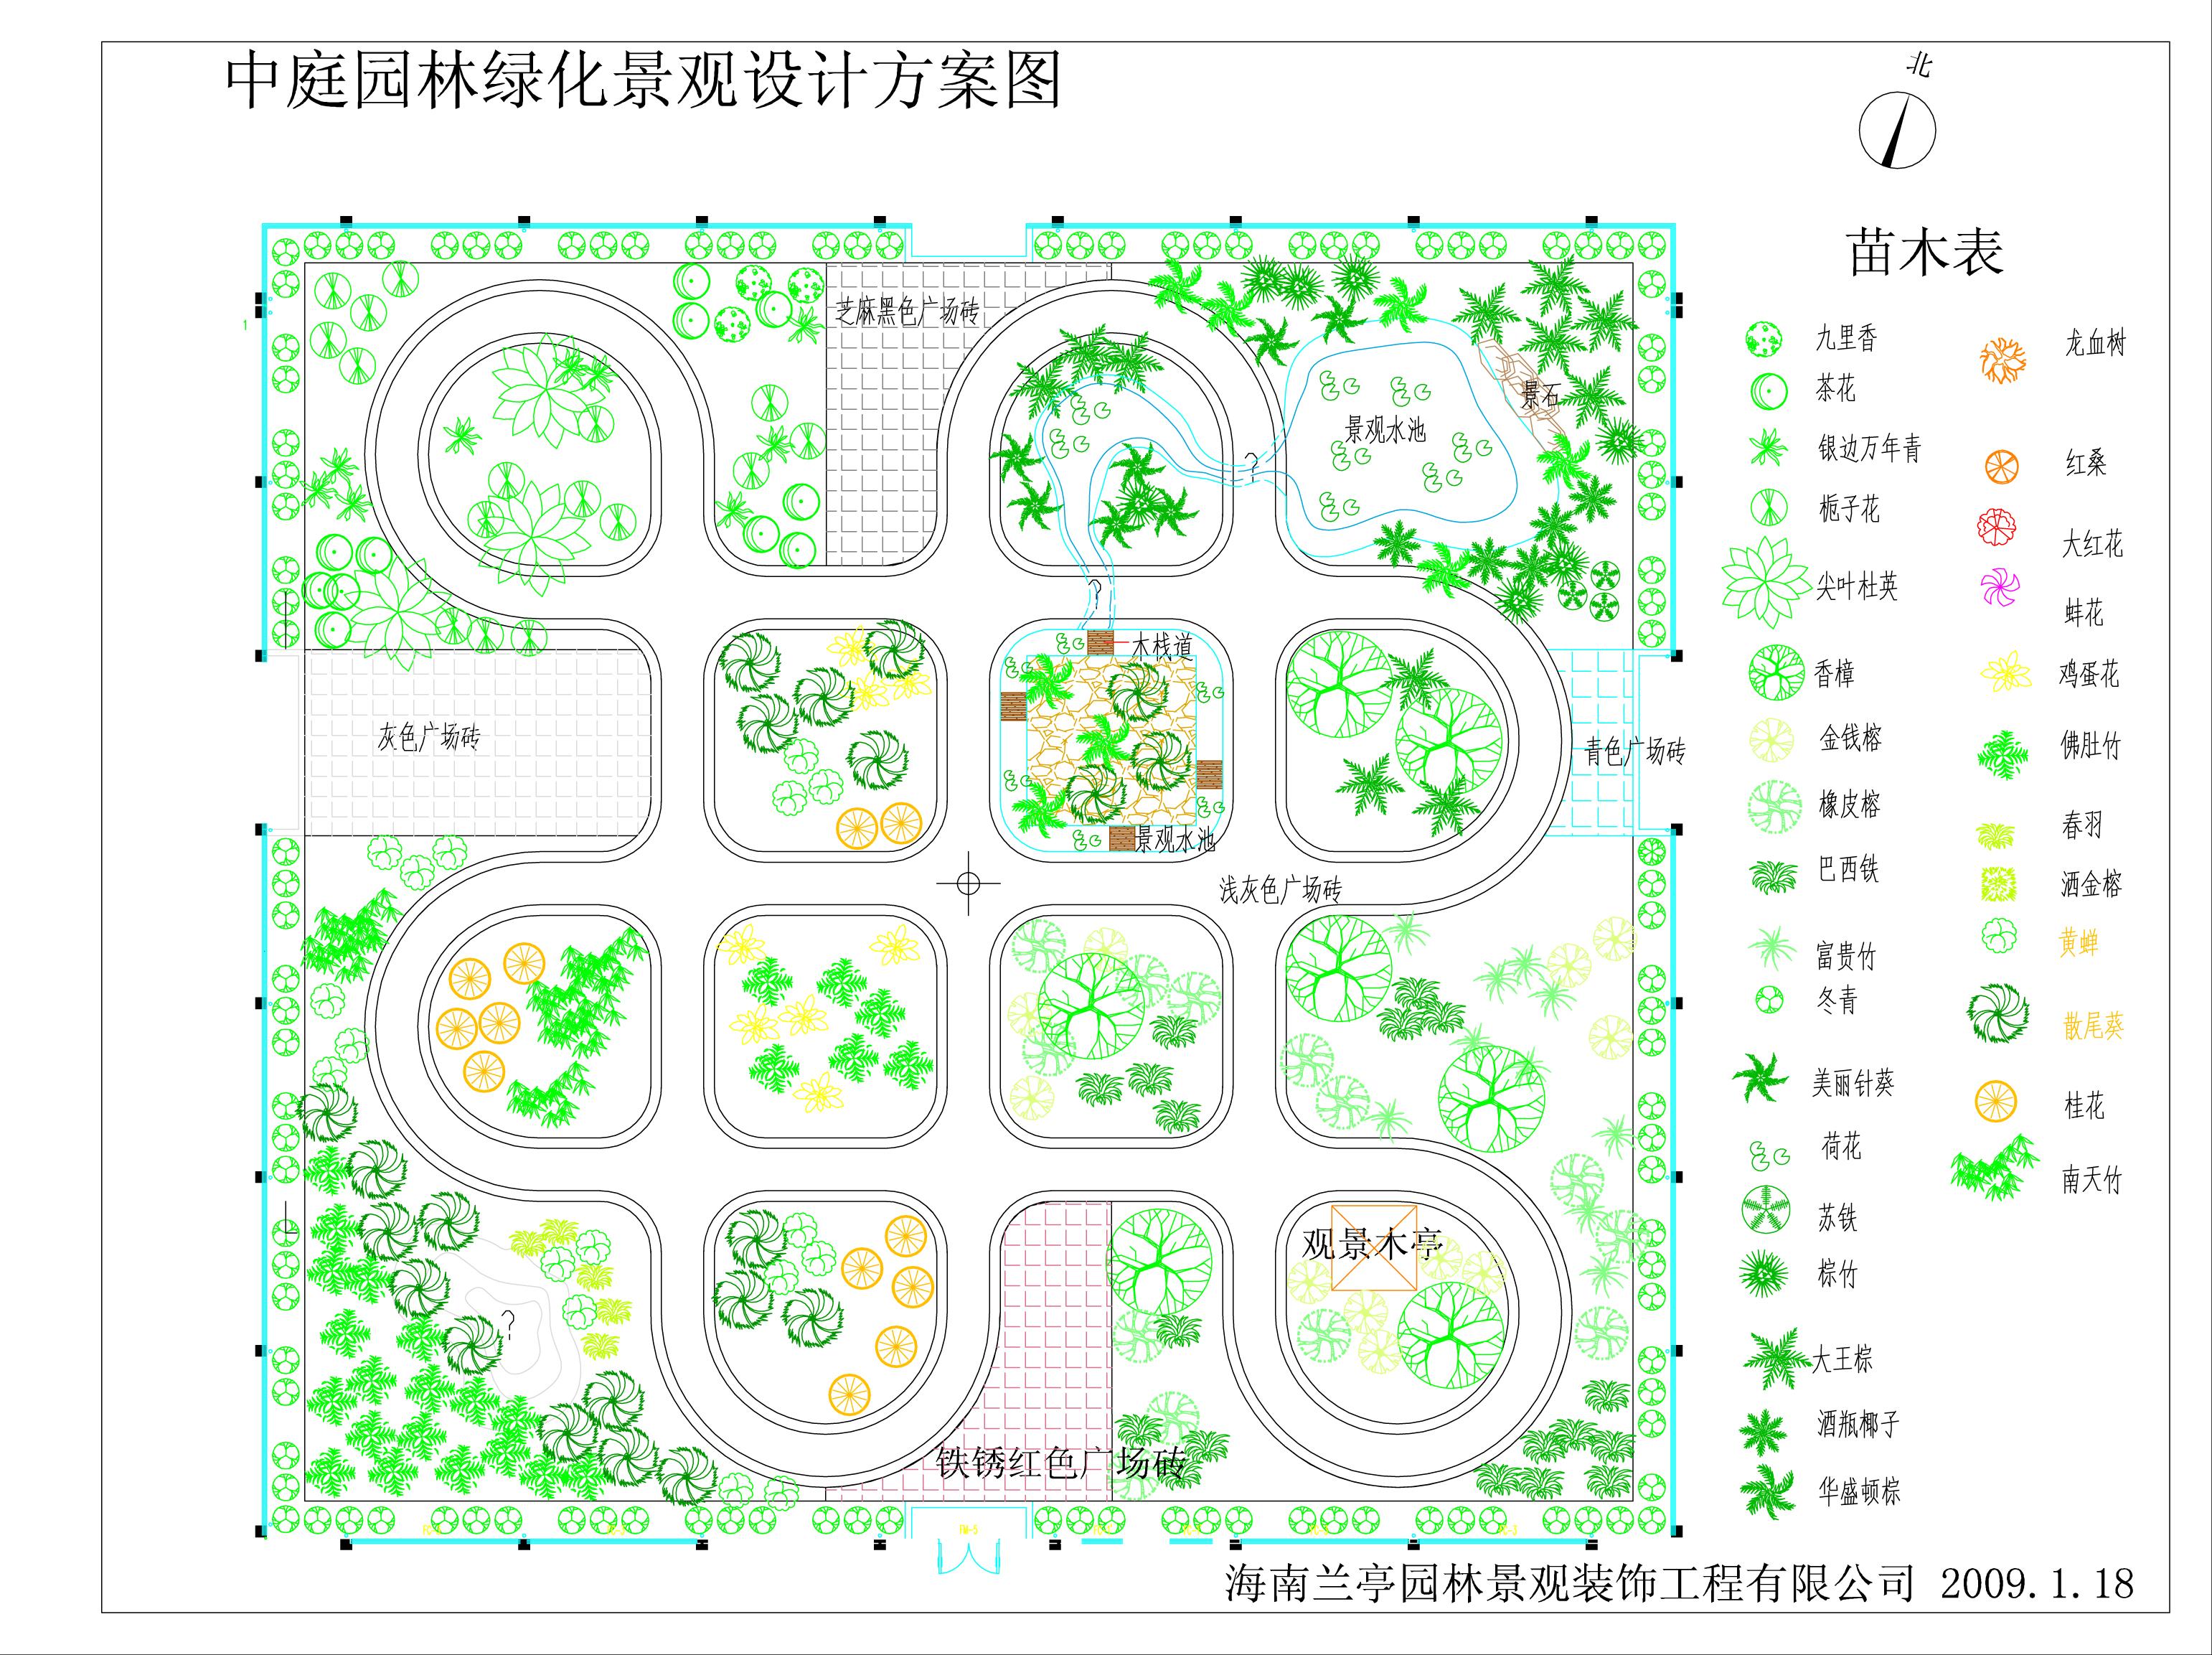 (中国结)中庭园林绿化景观设计方案图